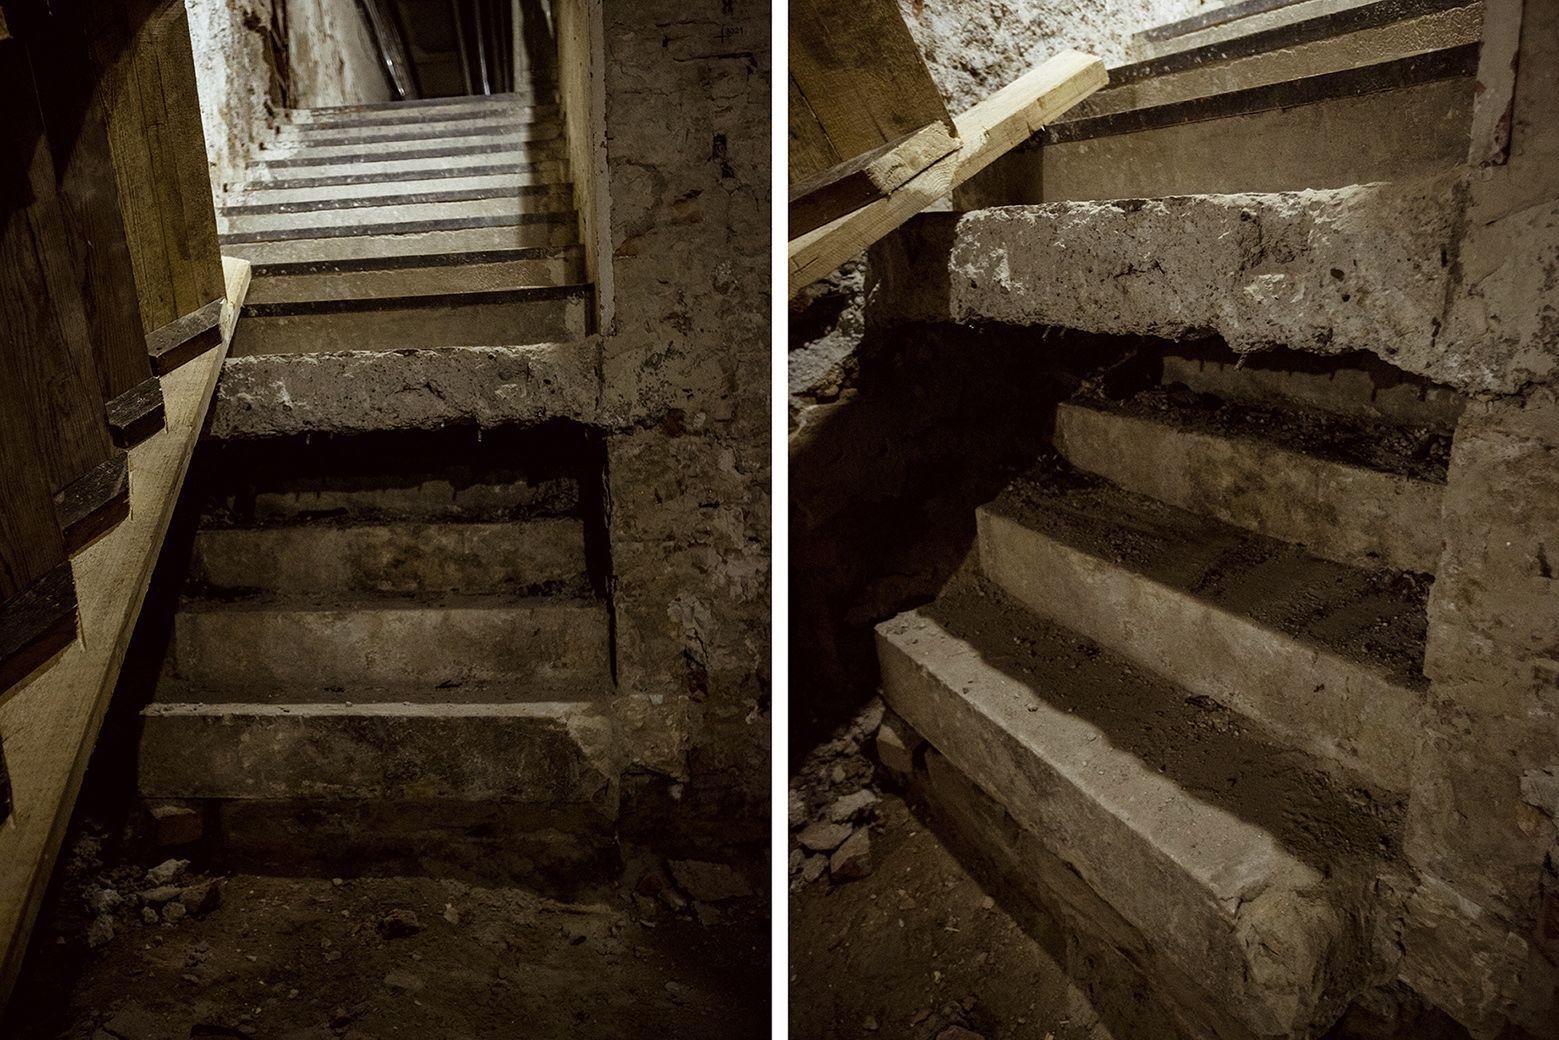 Alsó lépcsőfokából kiolvasható az eredeti pinceszint magassága